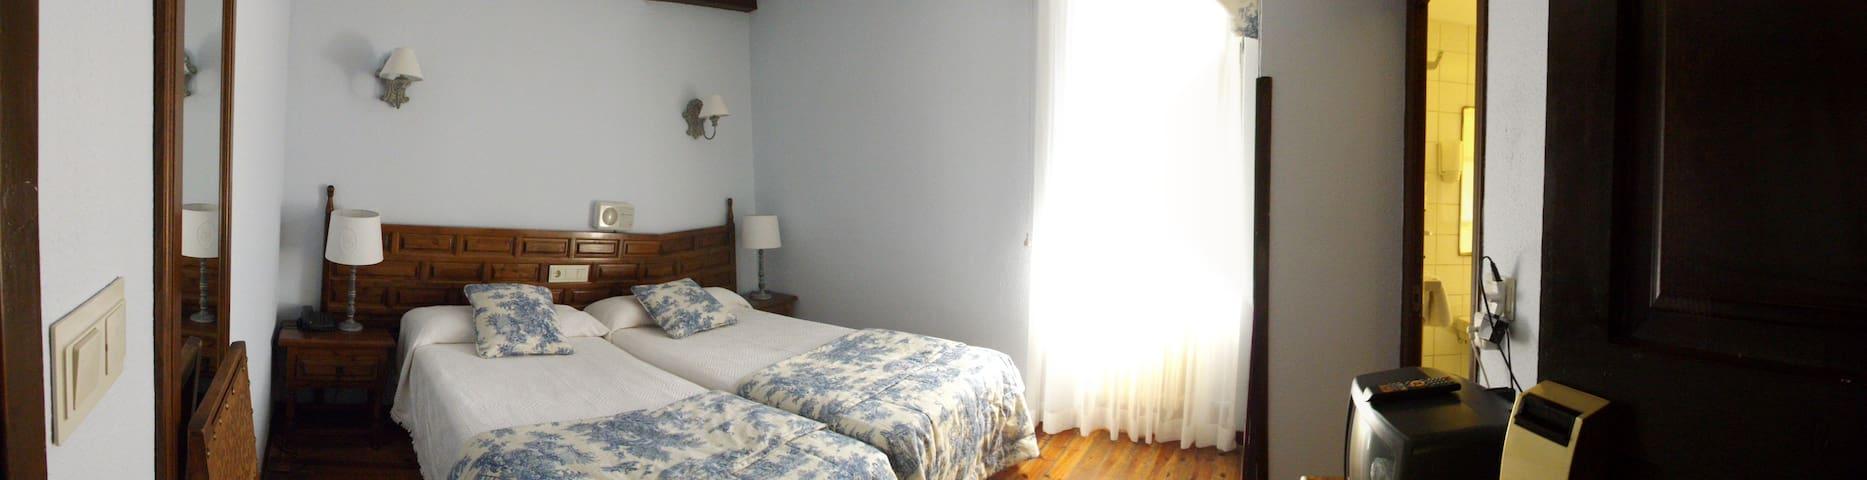 Alojamiento de montaña - Sallent de Gállego - Bed & Breakfast